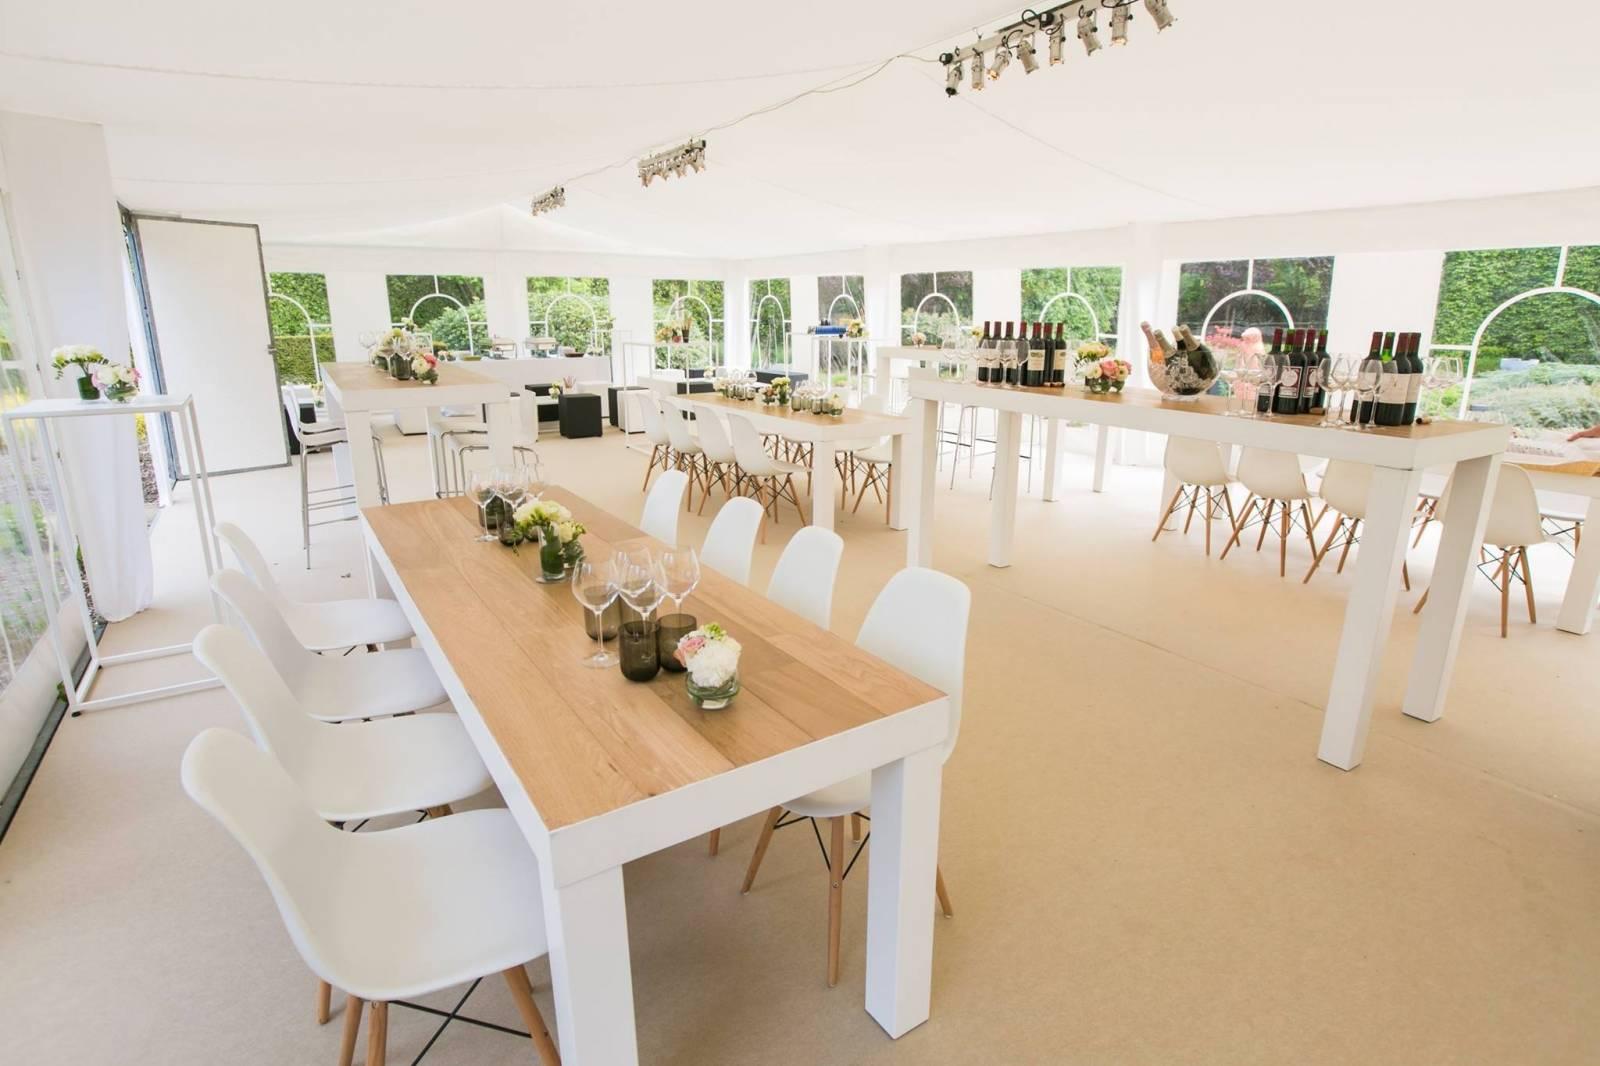 Dîner Privé - Catering Huwelijk Trouw Bruiloft - Cateraar - Traiteur - House of Weddings - 4